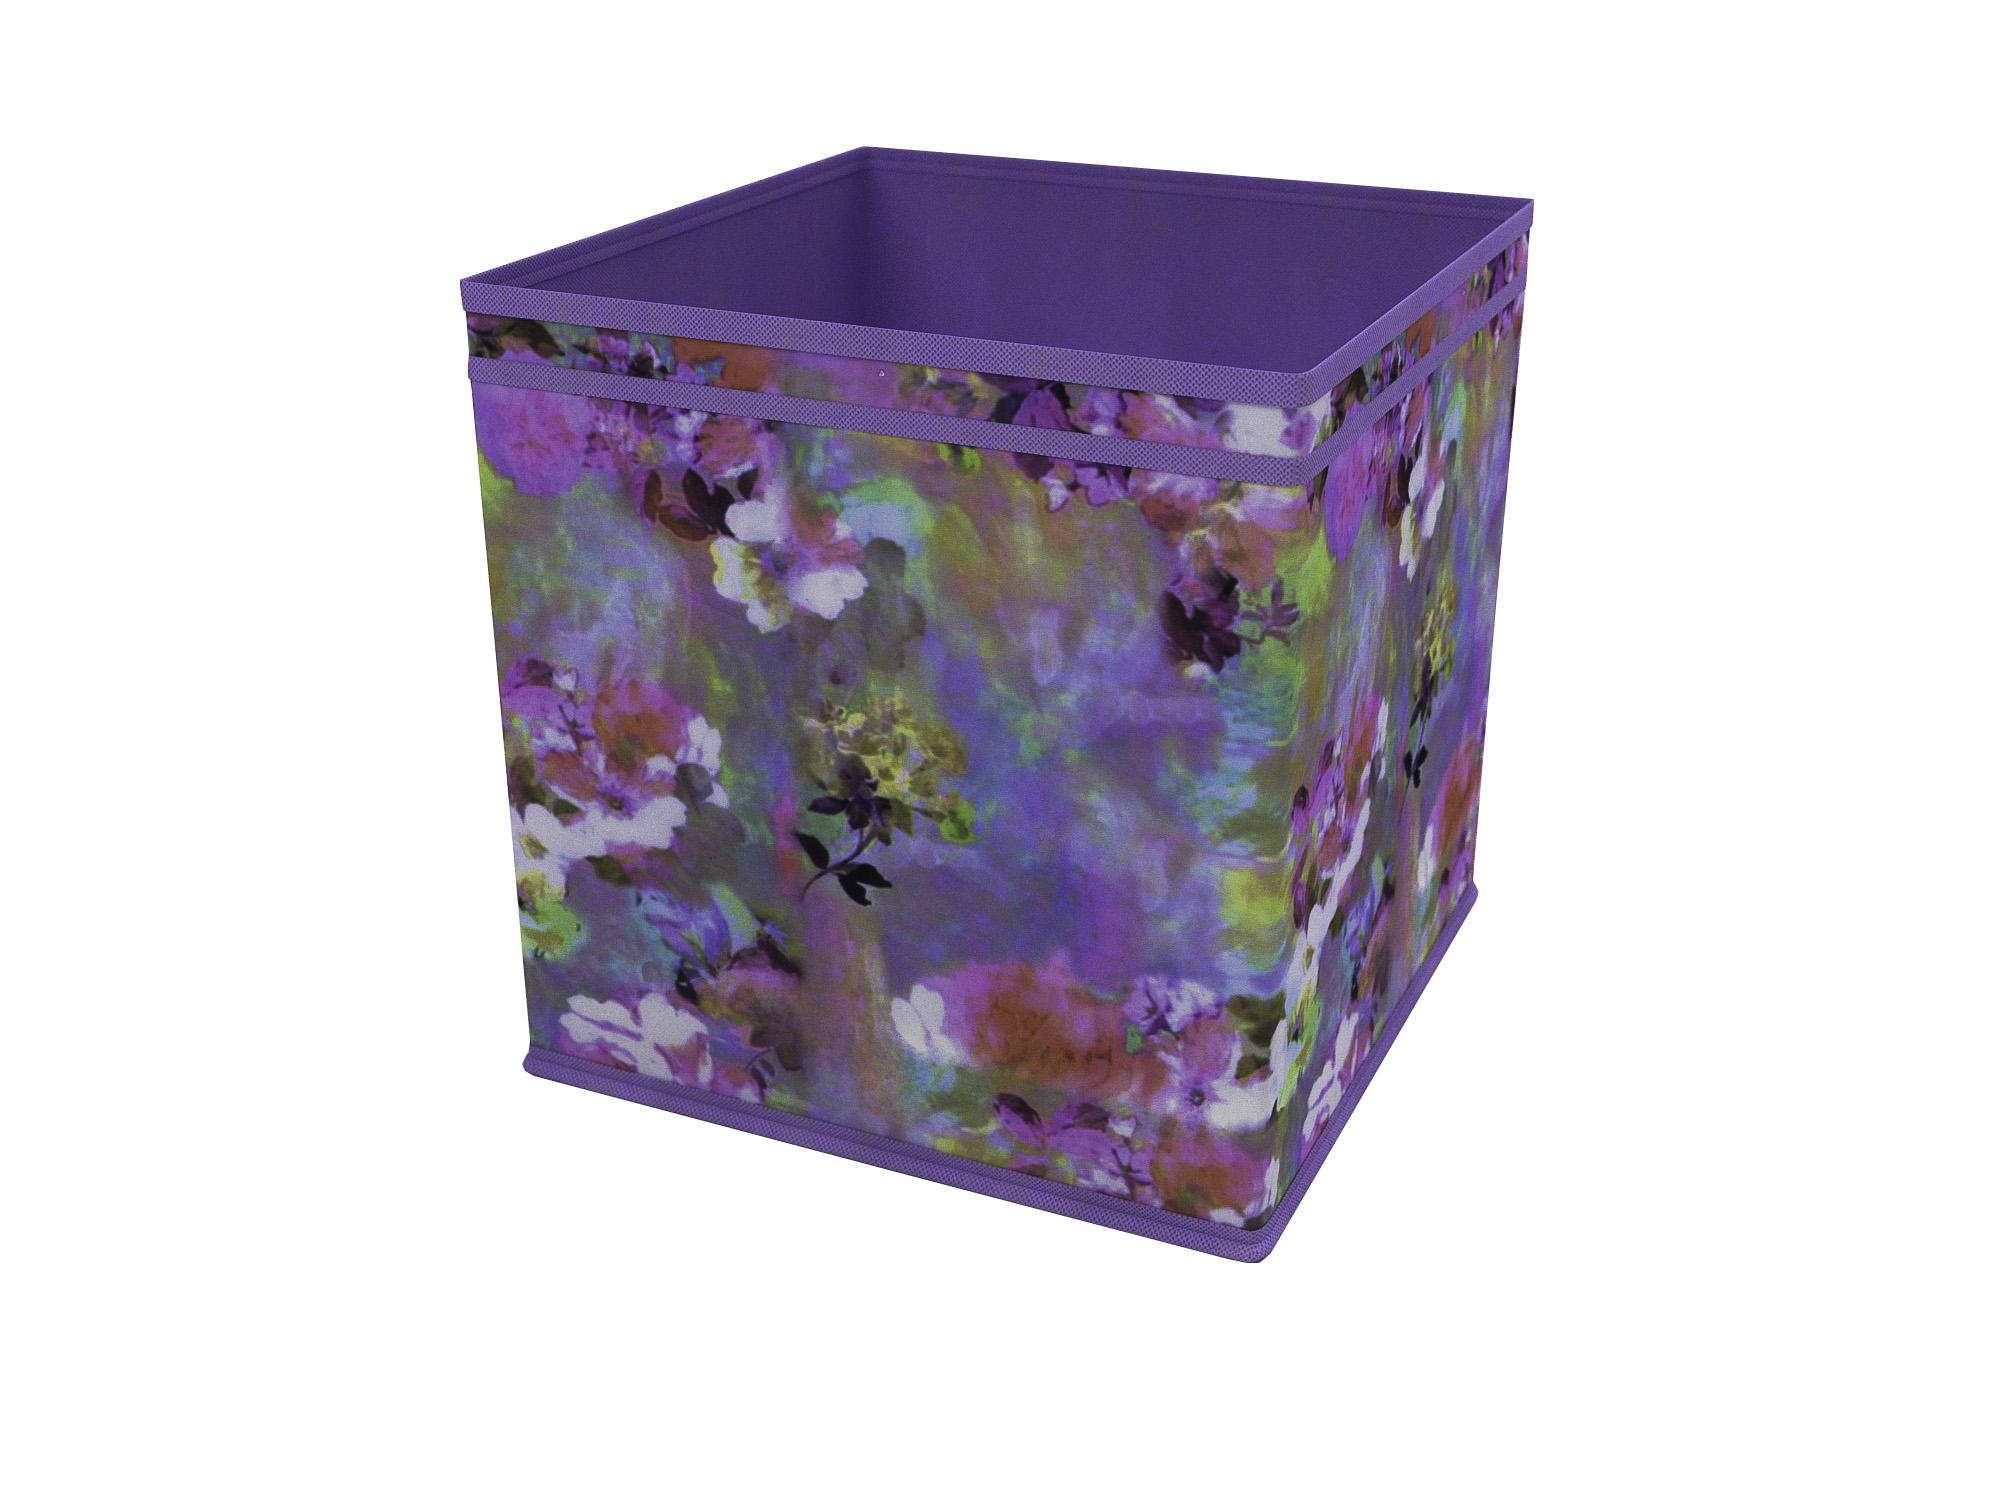 Коробка Акварель (32х32х32 см) фото